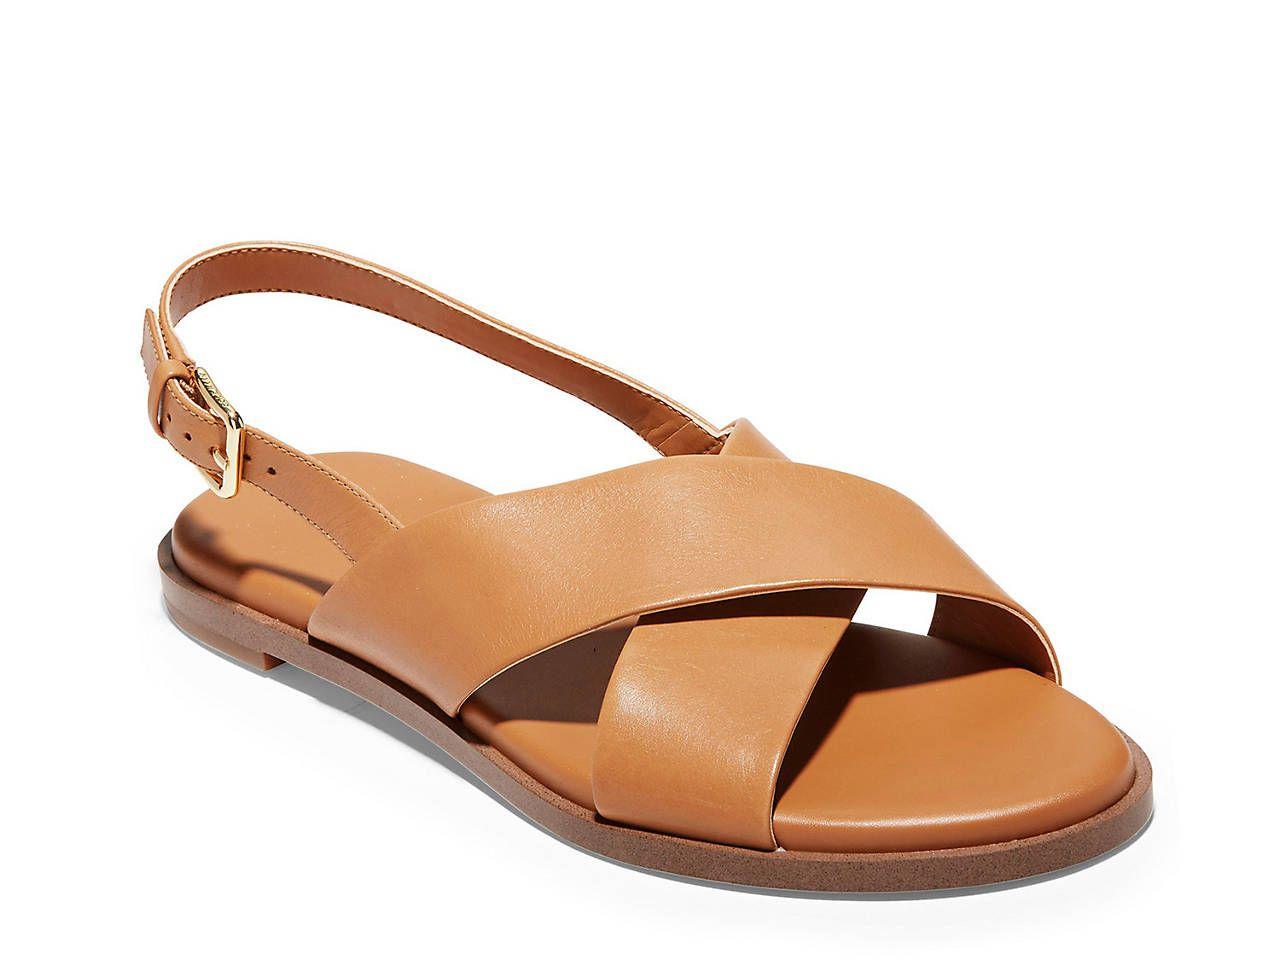 Cole Haan Fernanda Sandal Women's Shoes